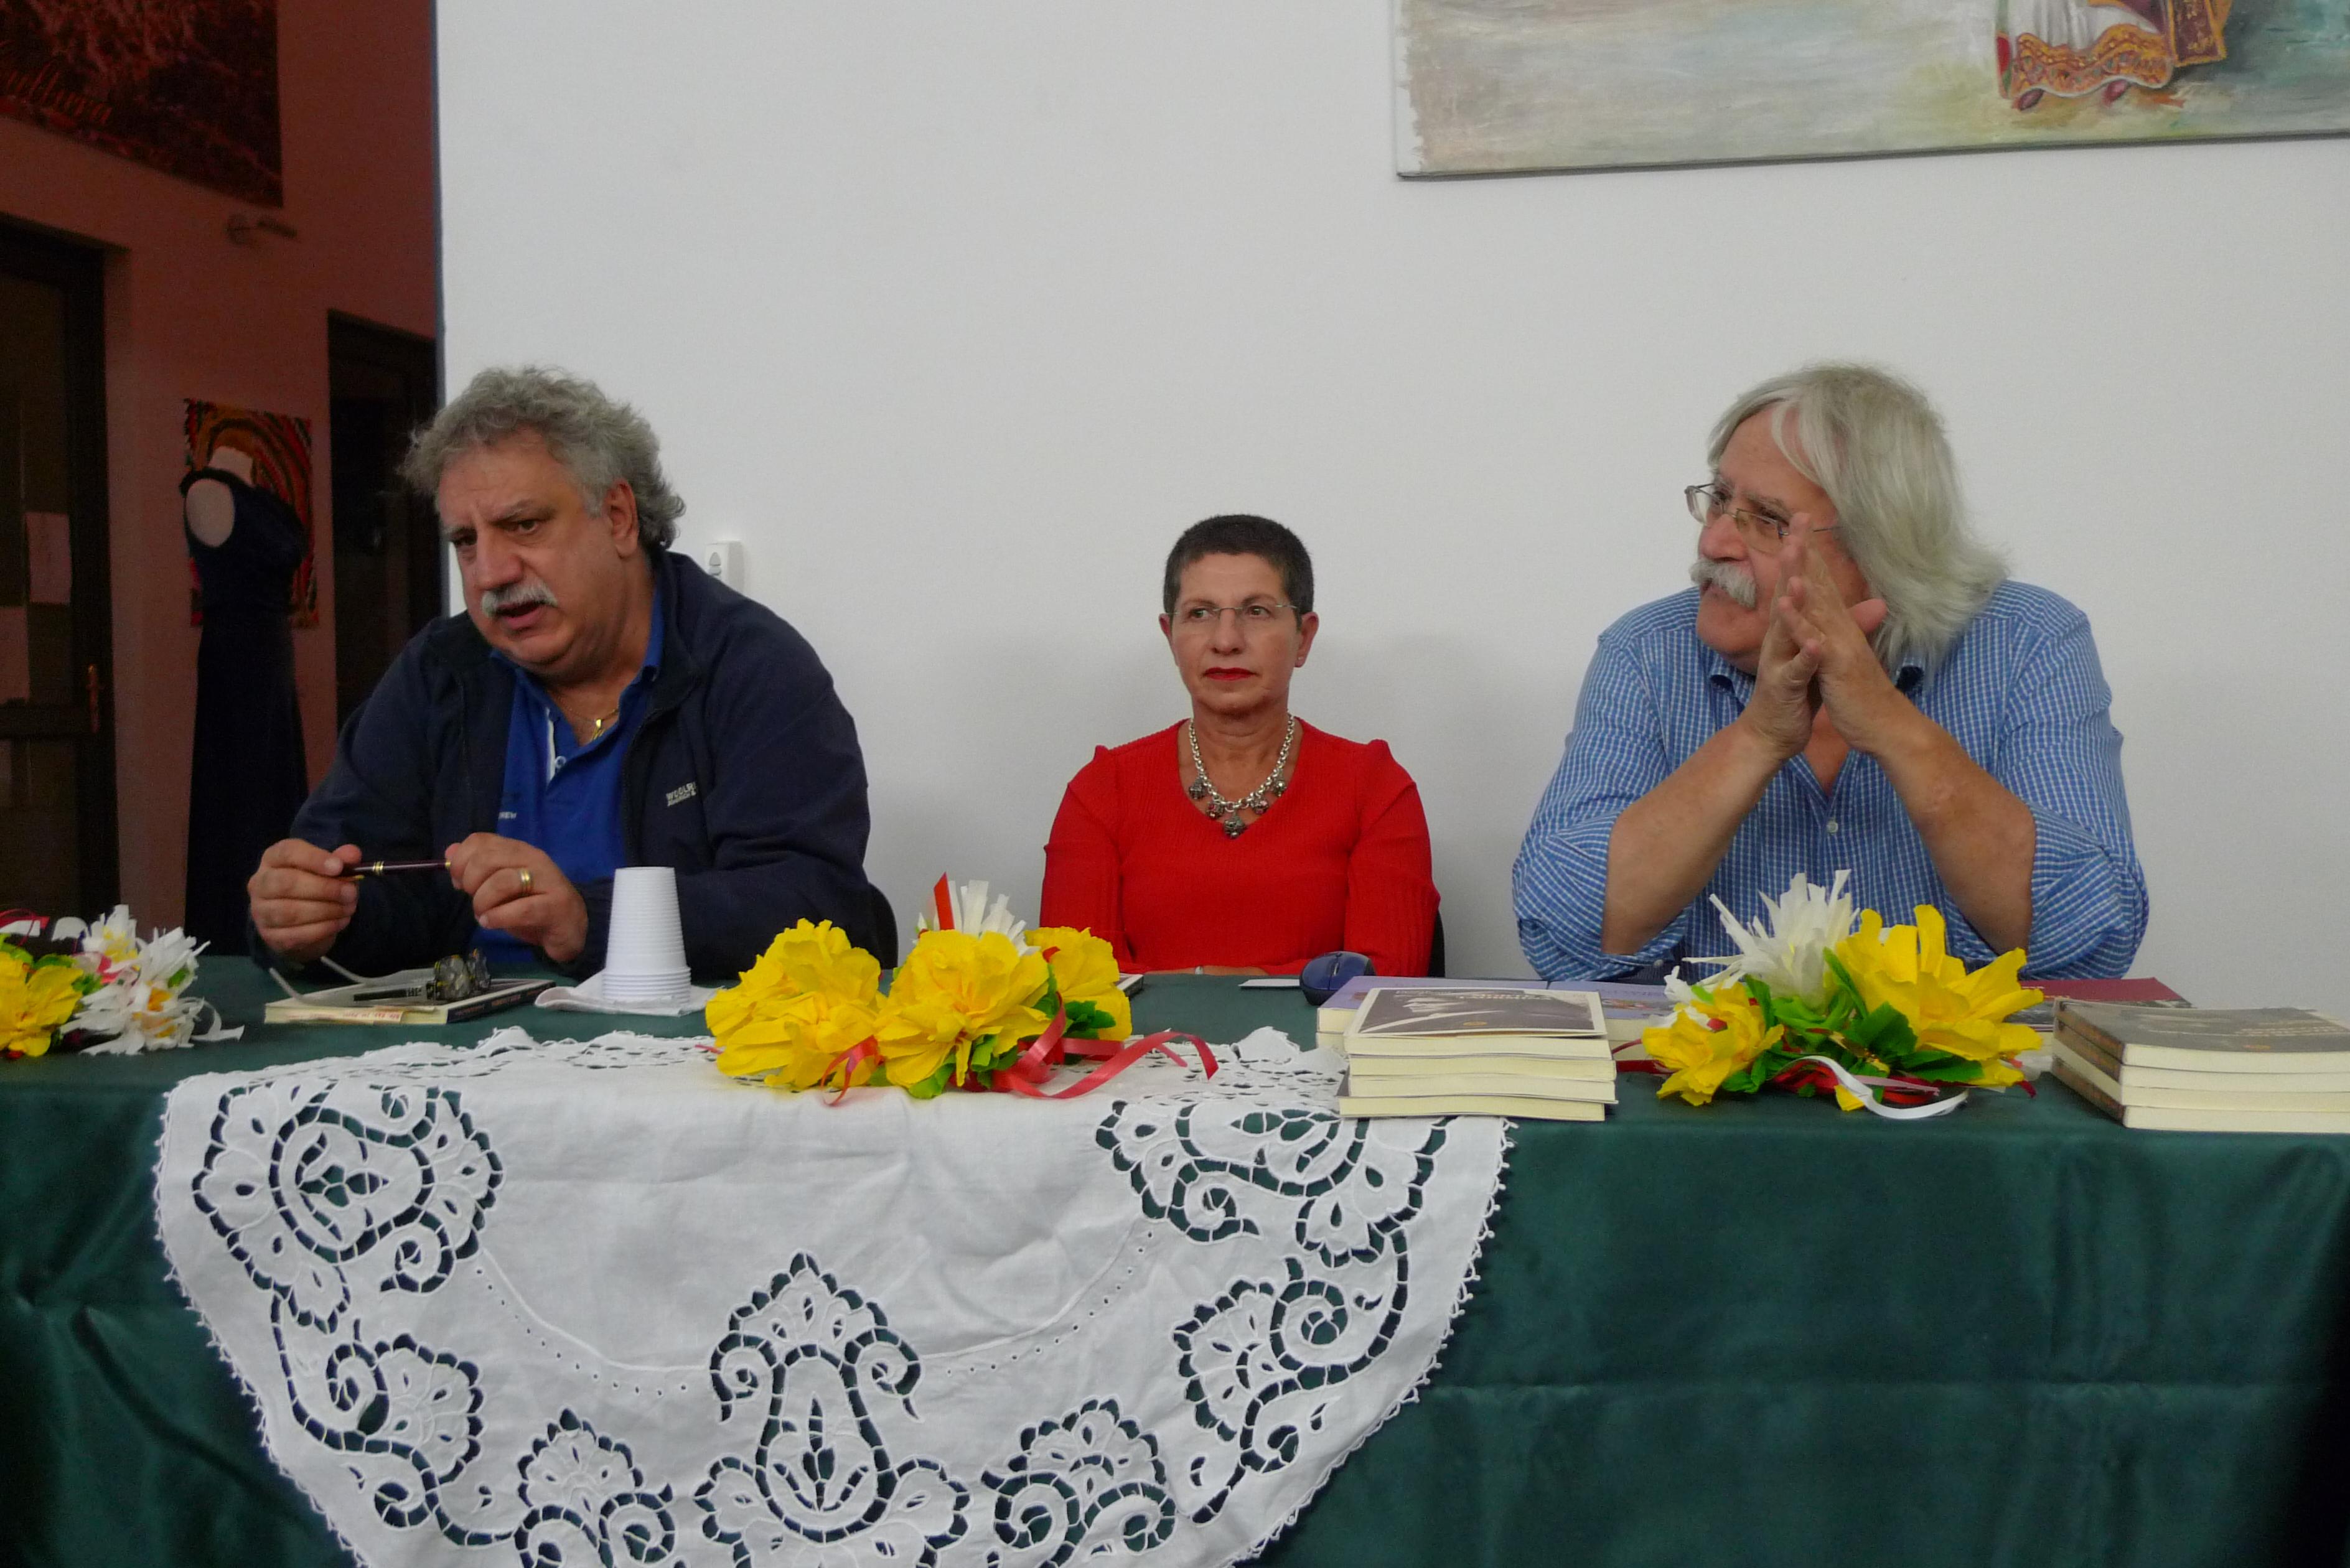 Sinagra ottobre si veste di giallo morte a taormina for Pro loco taormina